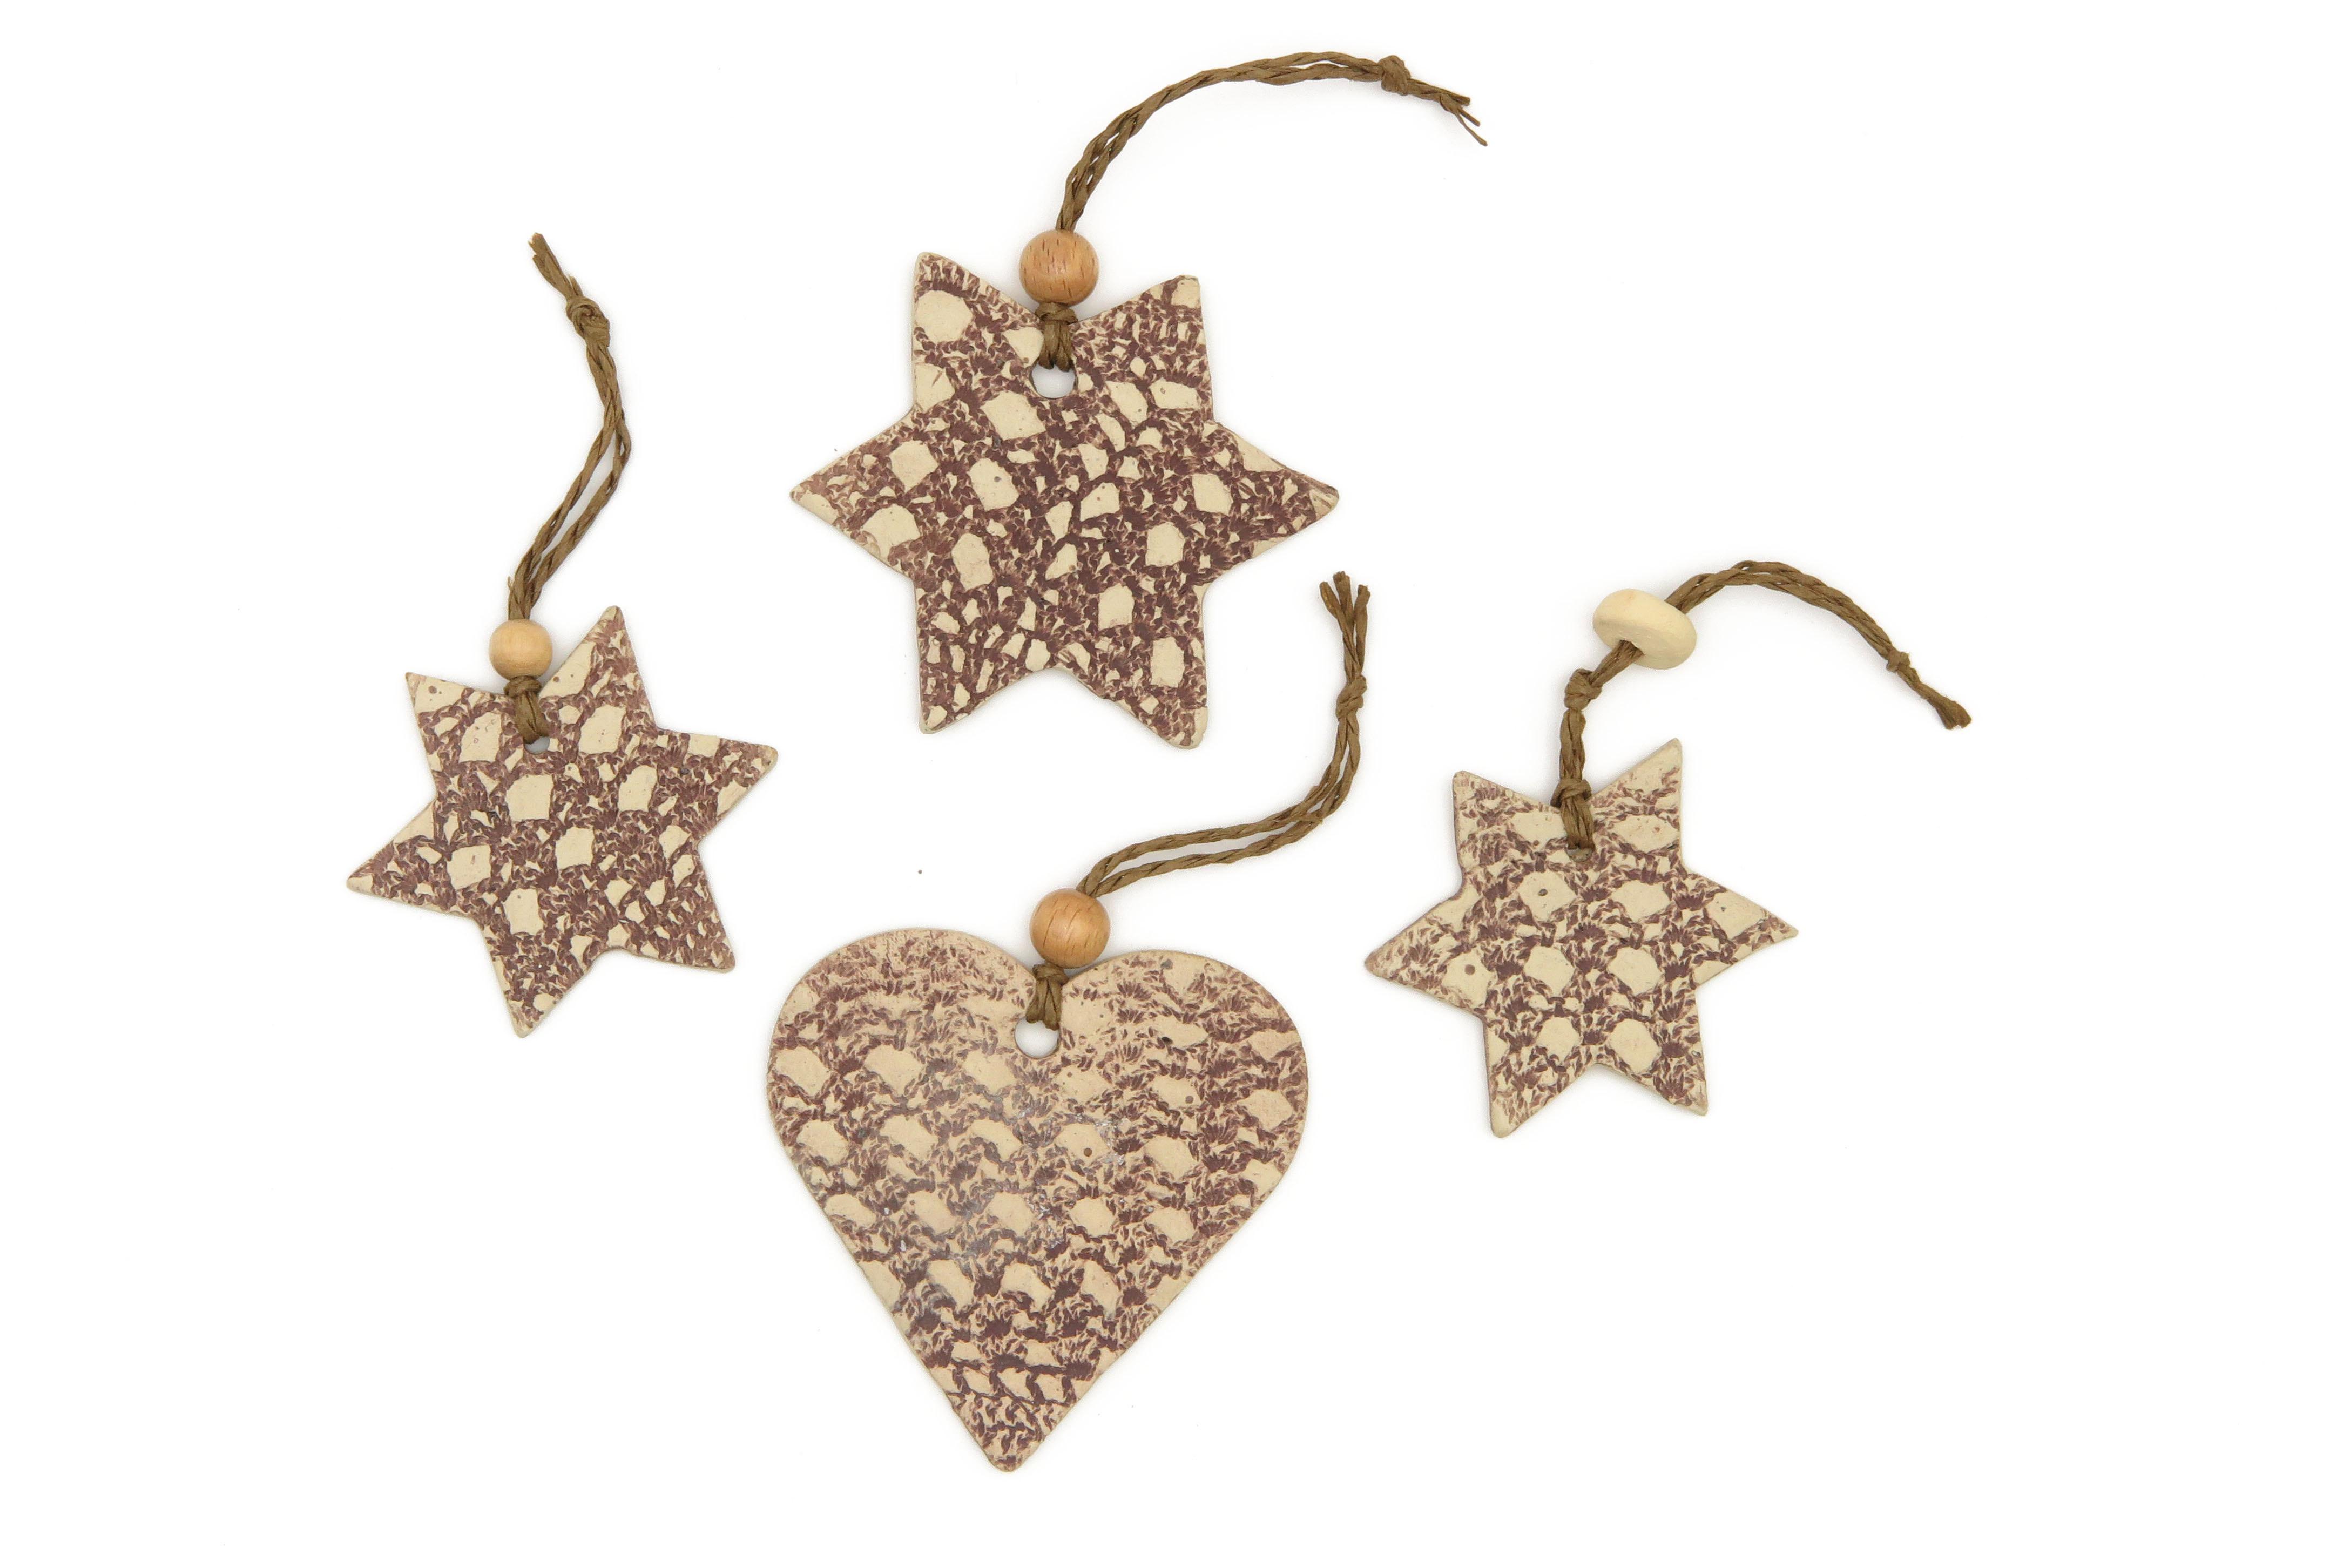 Stern und Herz Keramik Geschenk Anhänger 4 Stück/M bis 7cm